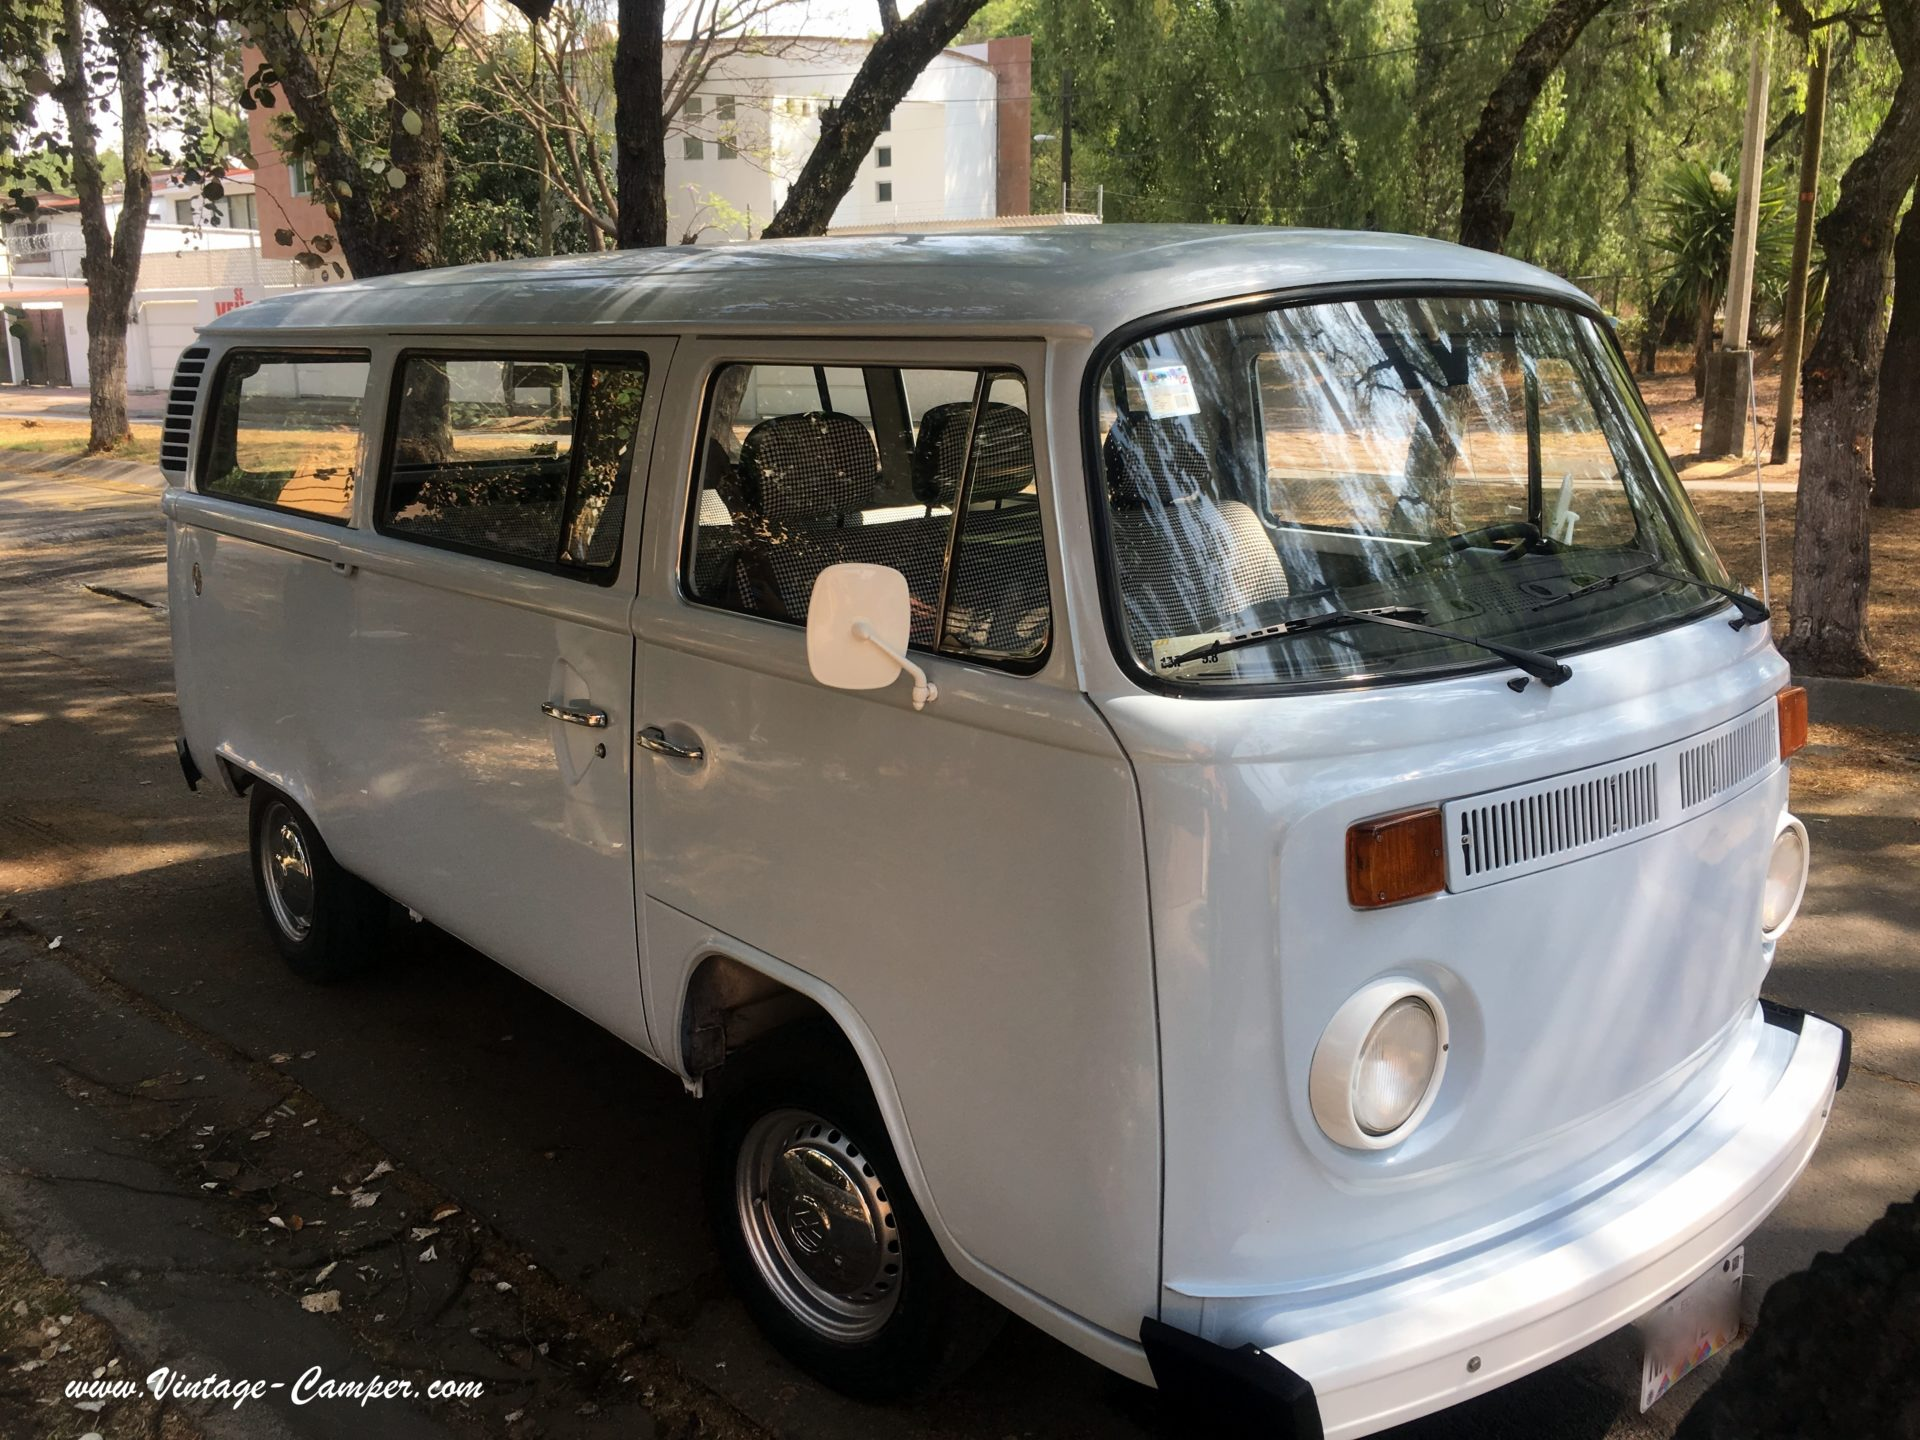 VOLKSWAGEN combi baywindow t2 minibus 4